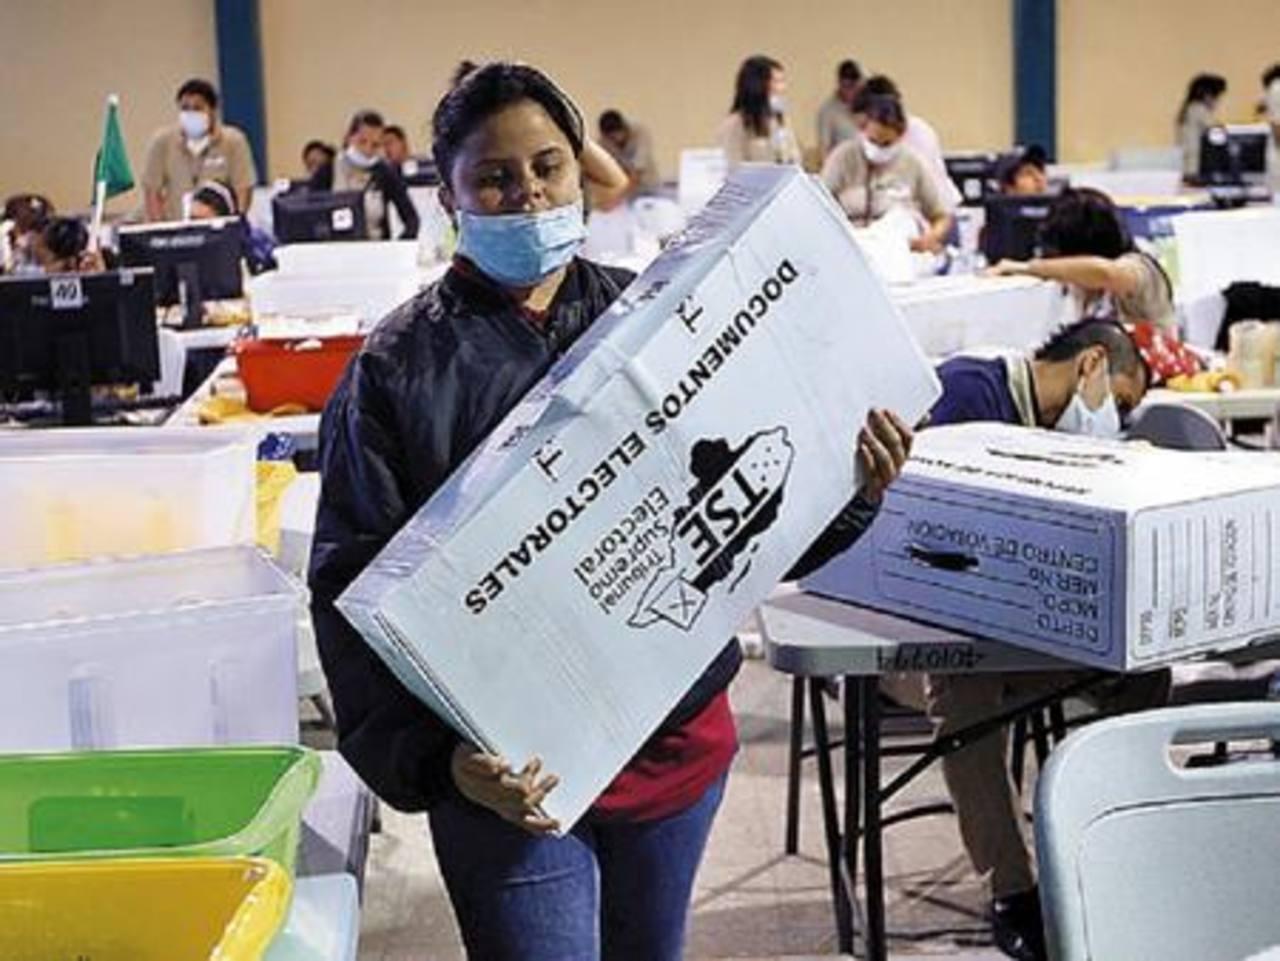 Las actas contienen la cantidad de votos que obtuvo cada partido y son parte de los documentos electorales. foto edh /